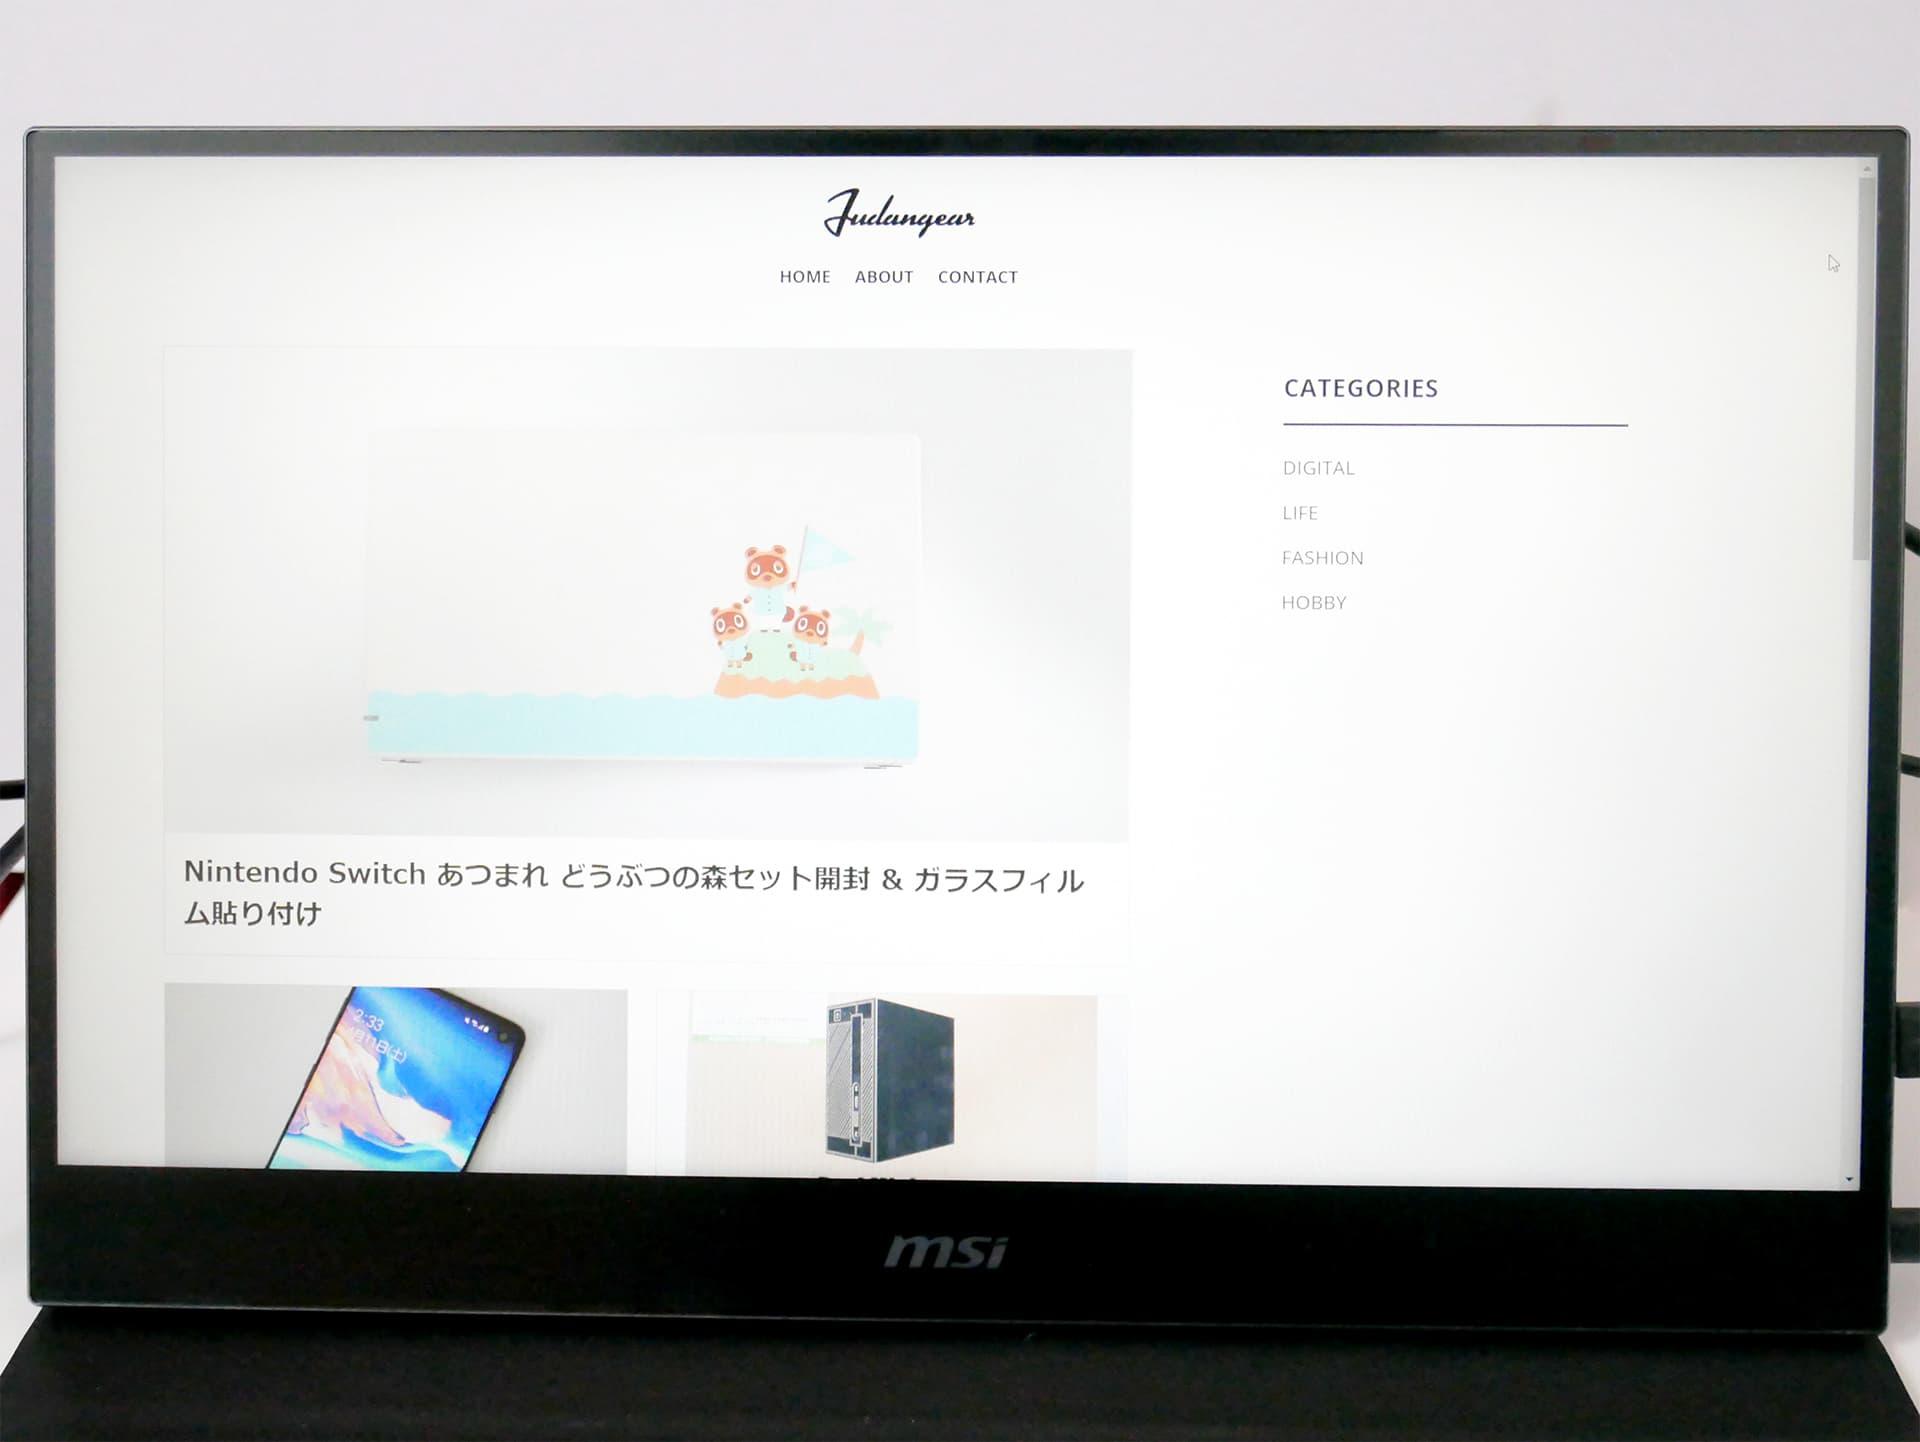 MSI Optix MAG161V にFudangearのサイトを表示